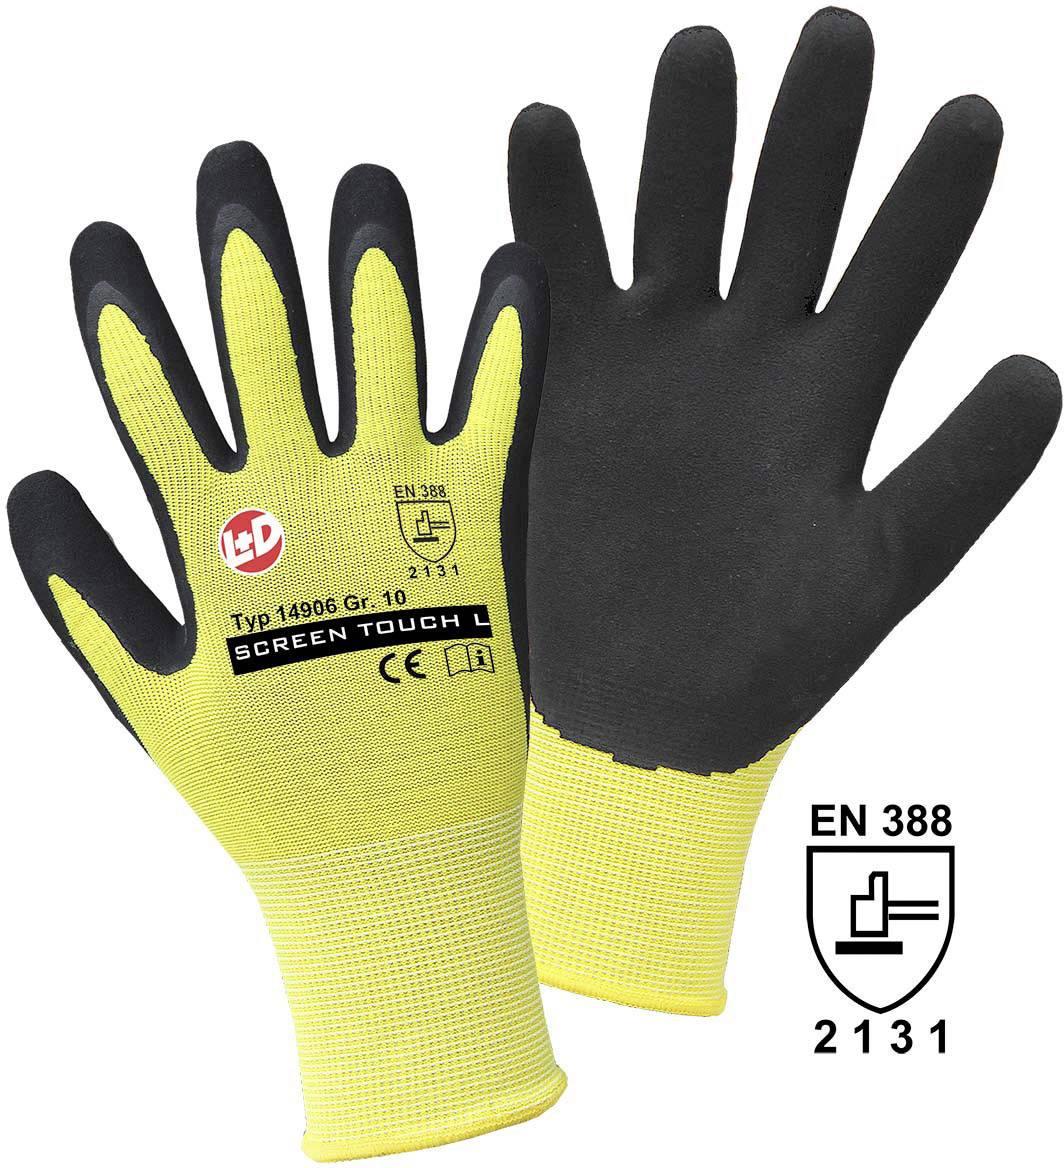 Pracovní rukavice Griffy SCREEN TOUCH L 14906, velikost rukavic: 7, S